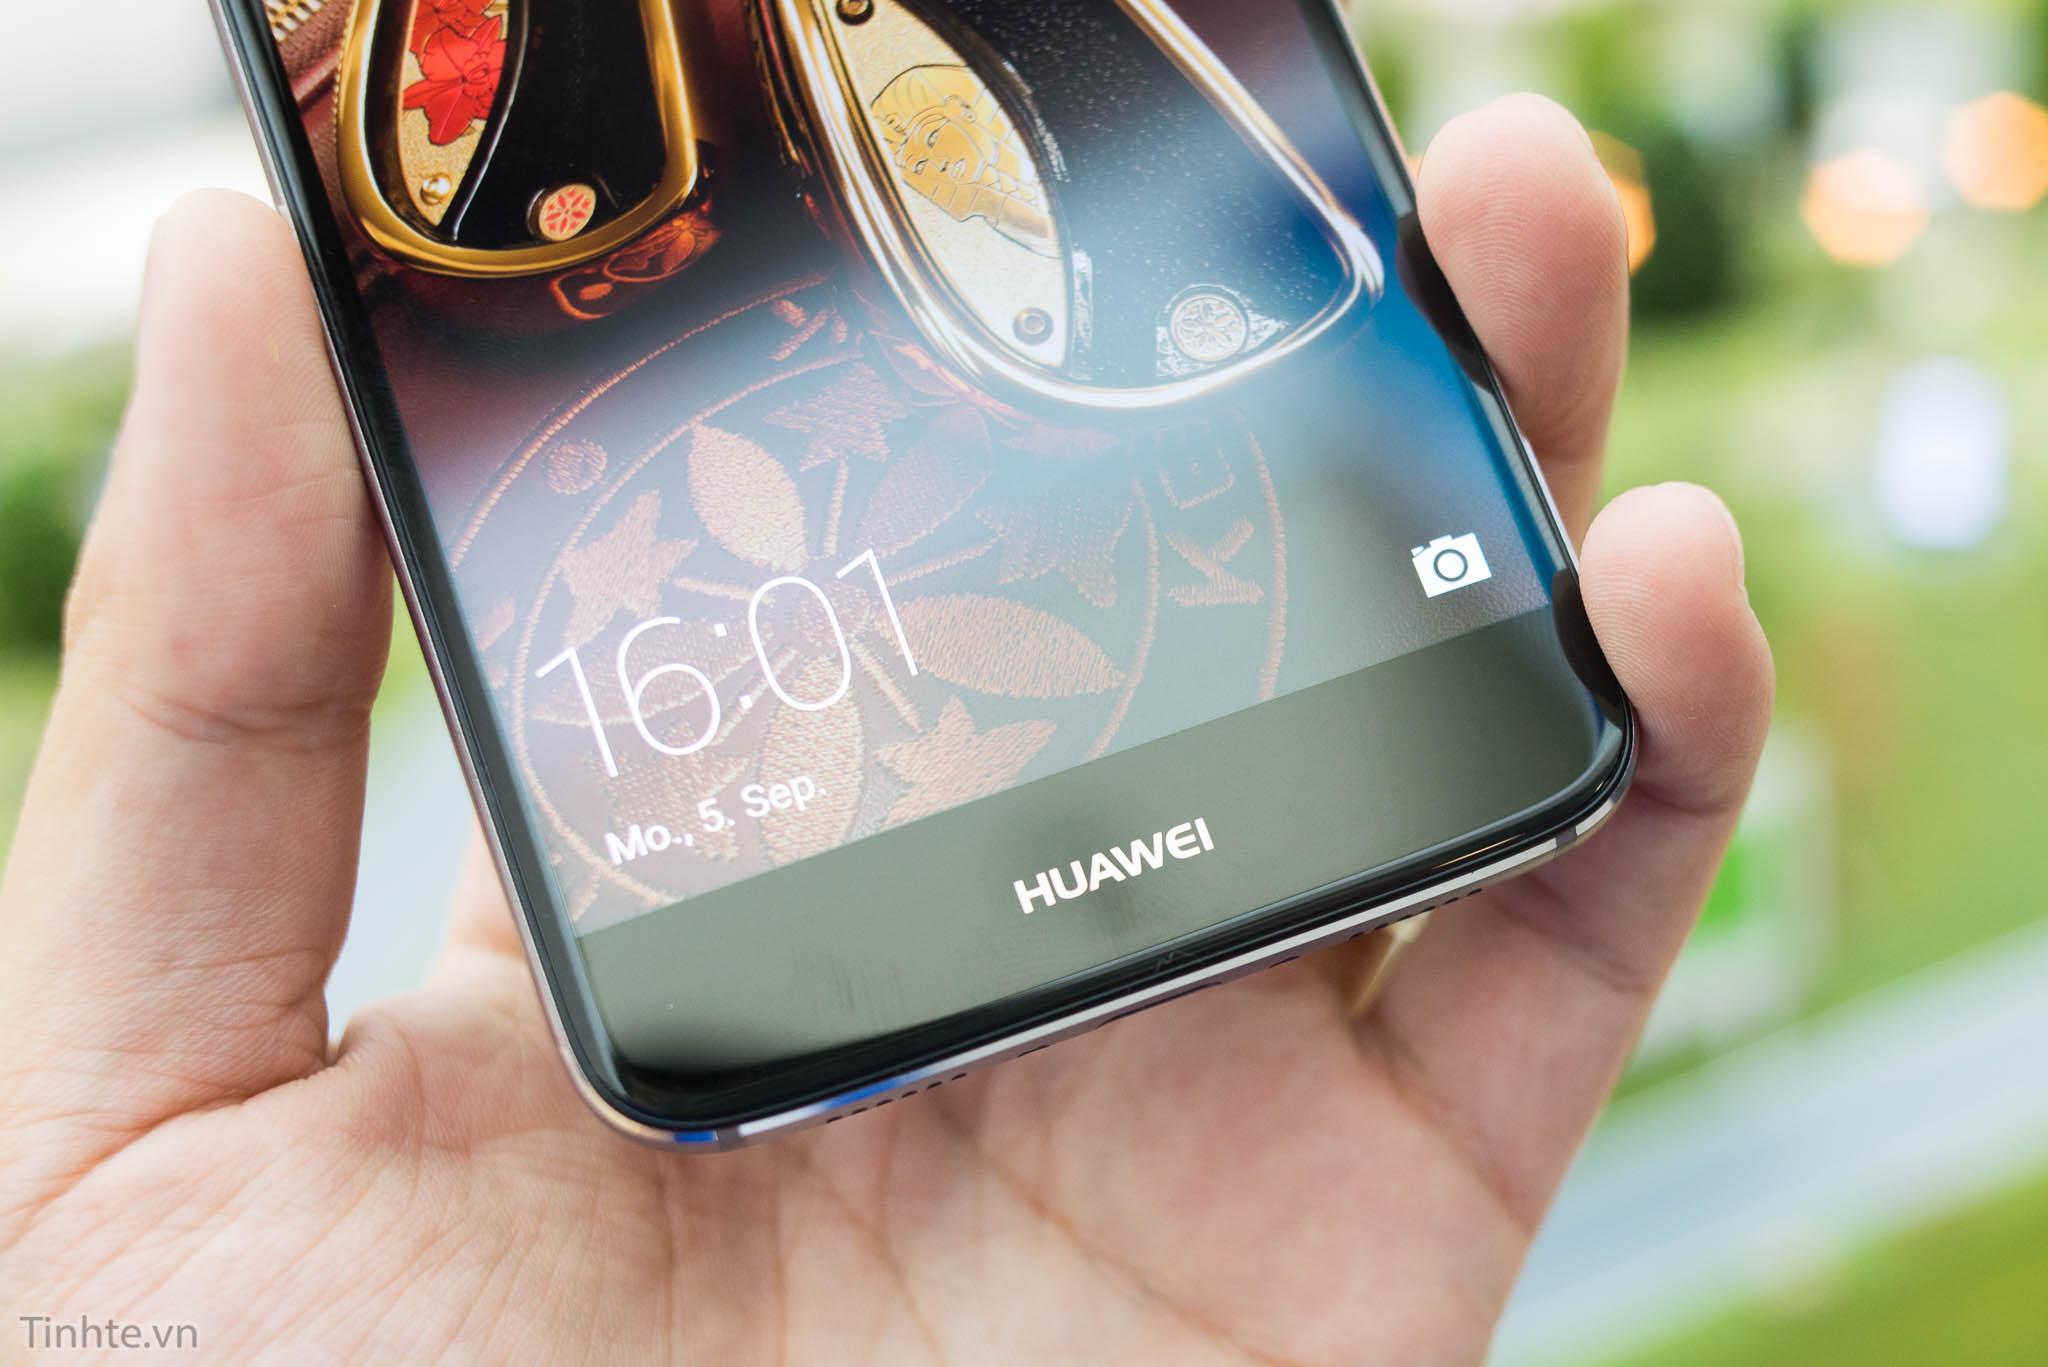 Google cắt đứt quan hệ với Huawei, smartphone của họ sẽ không được cập nhật Android nữa